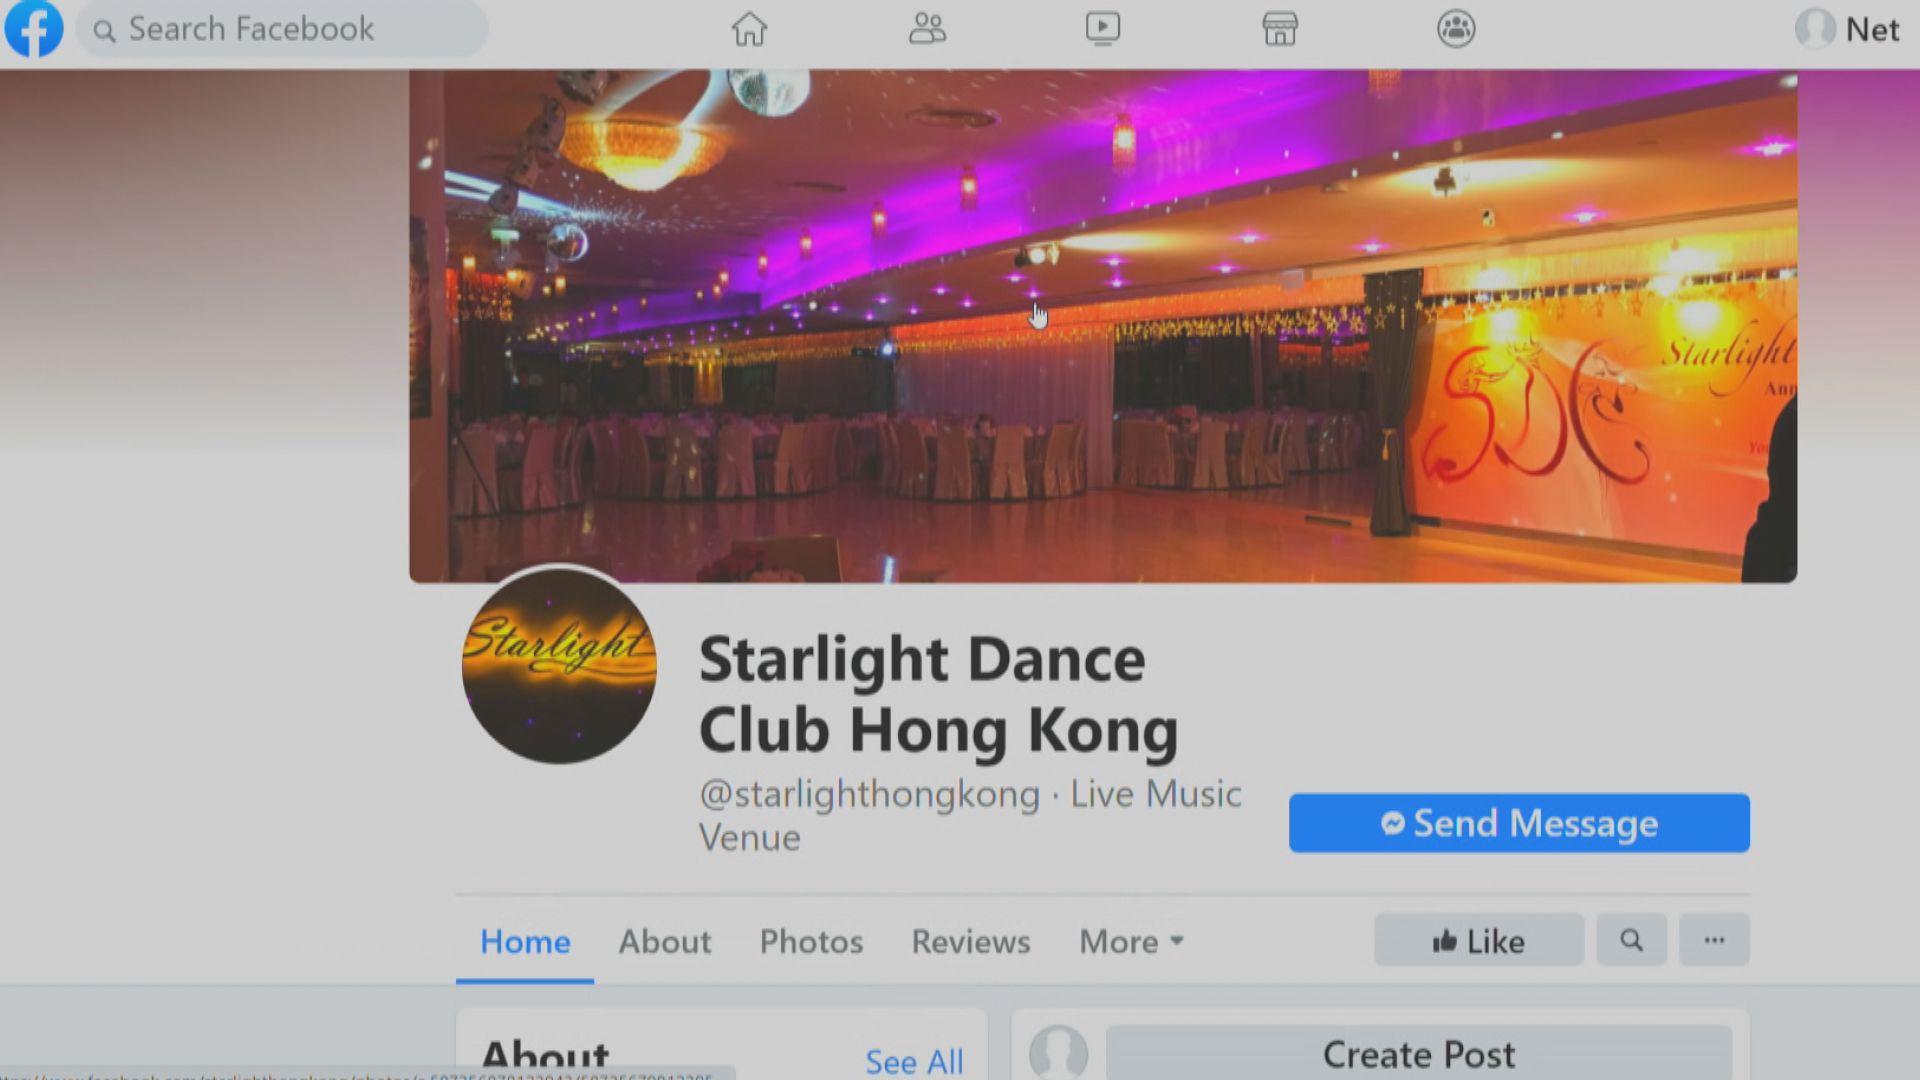 【增12宗確診】灣仔Starlight Dance Club至少5人初步確診 防護中心憂現群組爆發